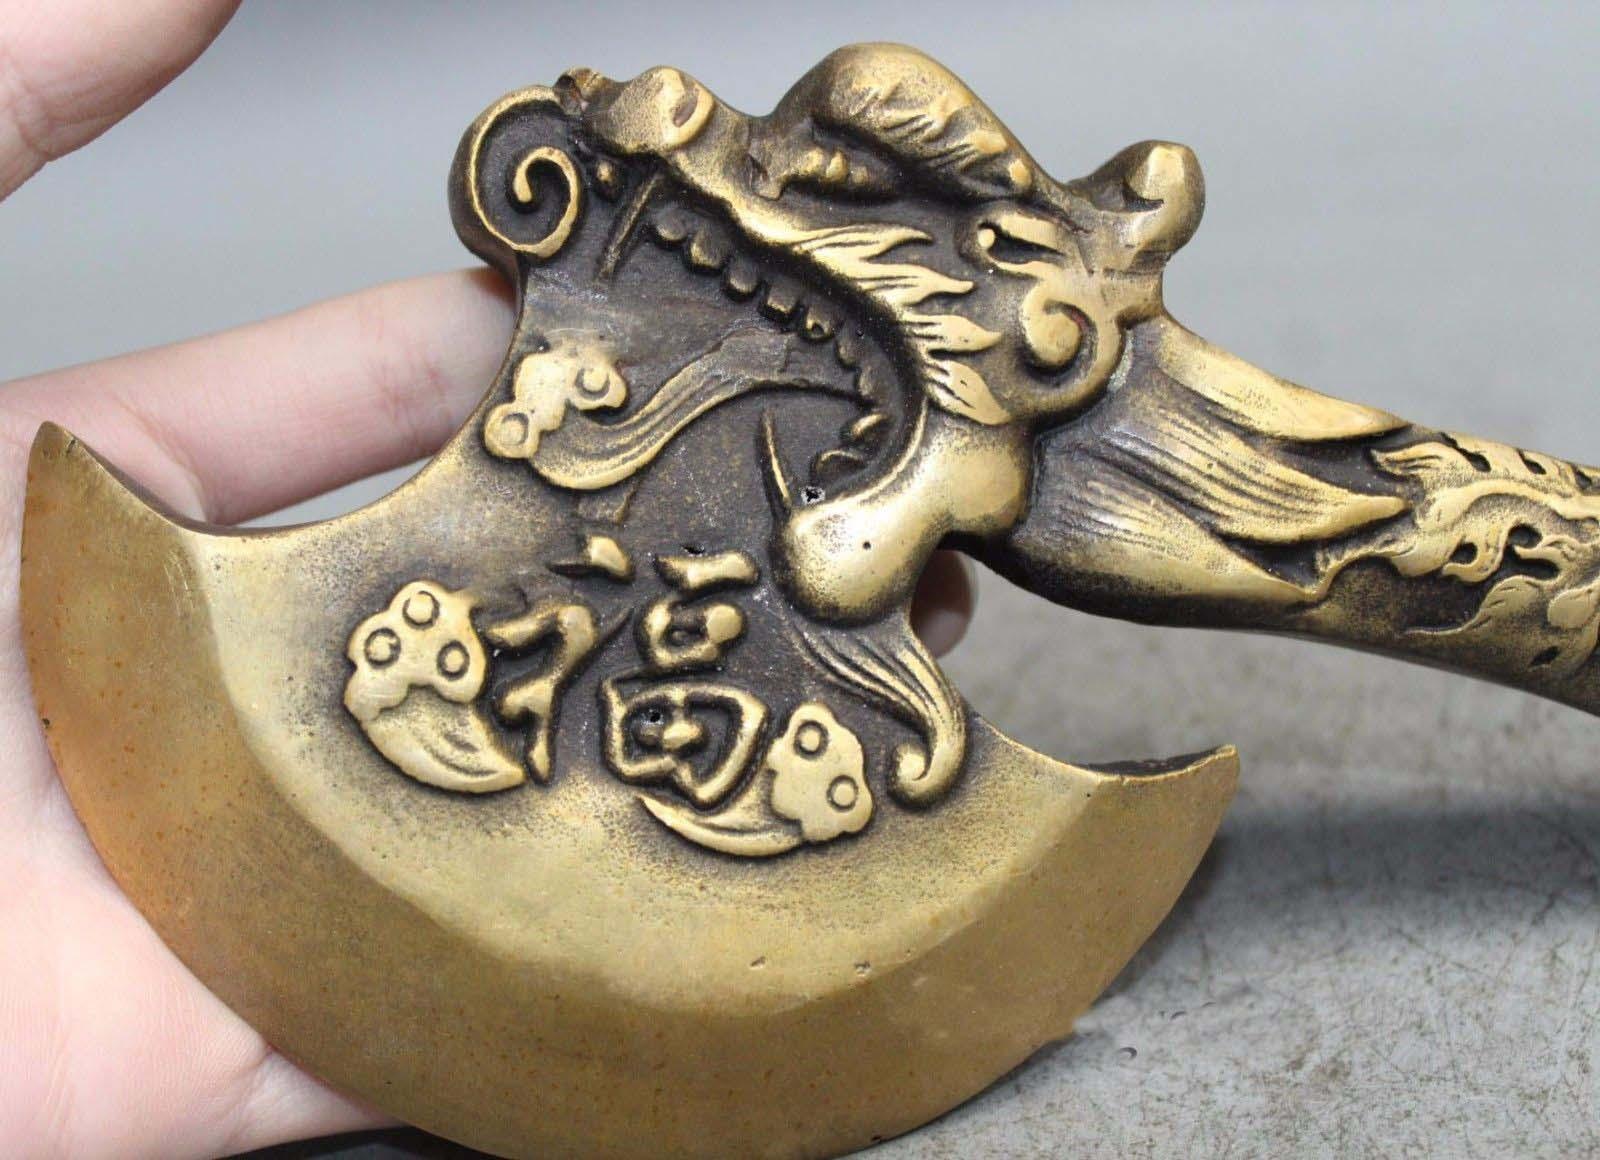 6 Китайское Латунное оружие ружьё ручка дракона топор топорик медная статуя топор - 3